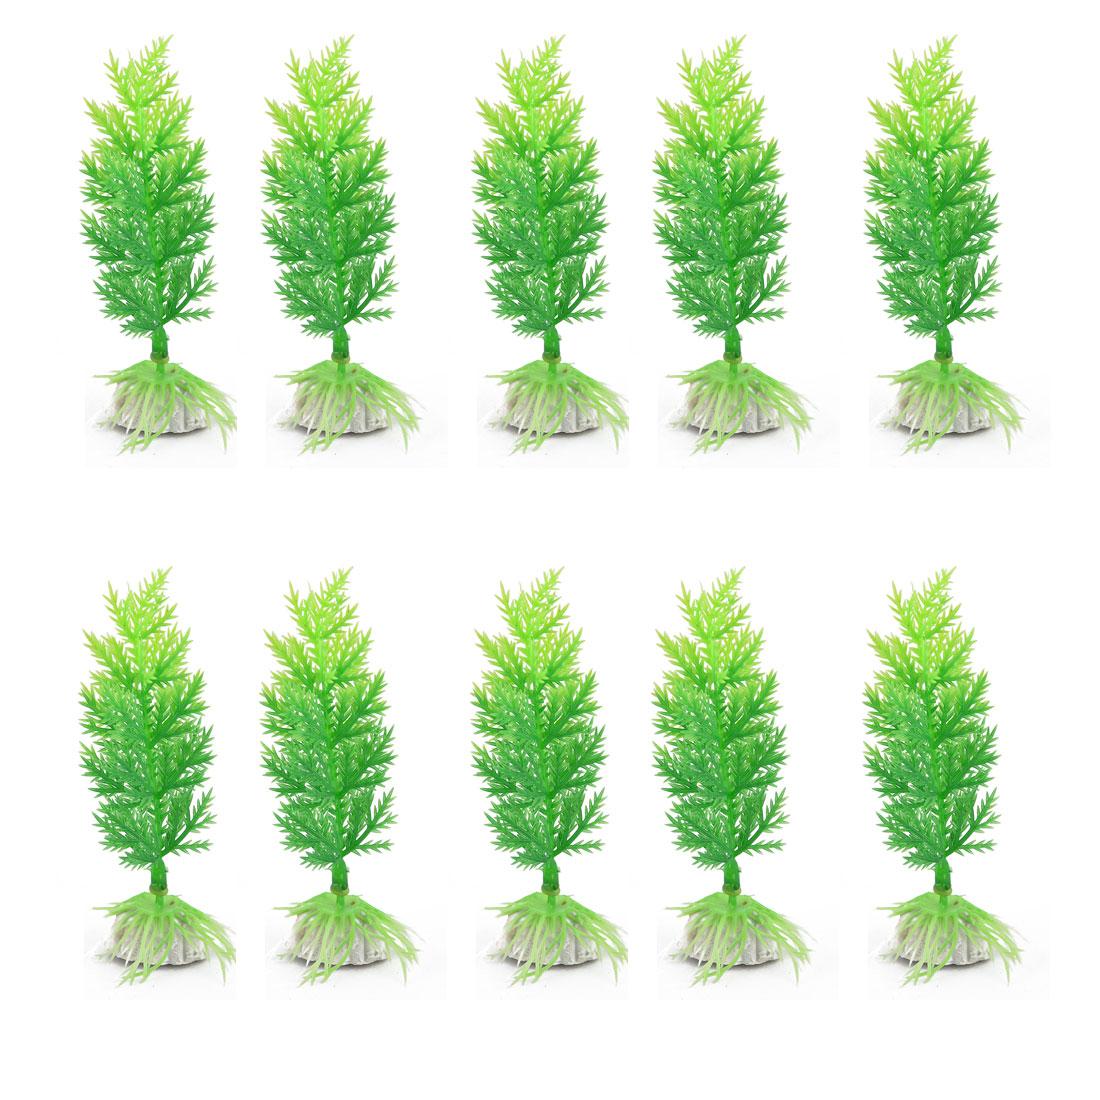 Fish Bowl Tank Landscape Artificial Aquatic Plant Grass 5 Inch Height 10pcs